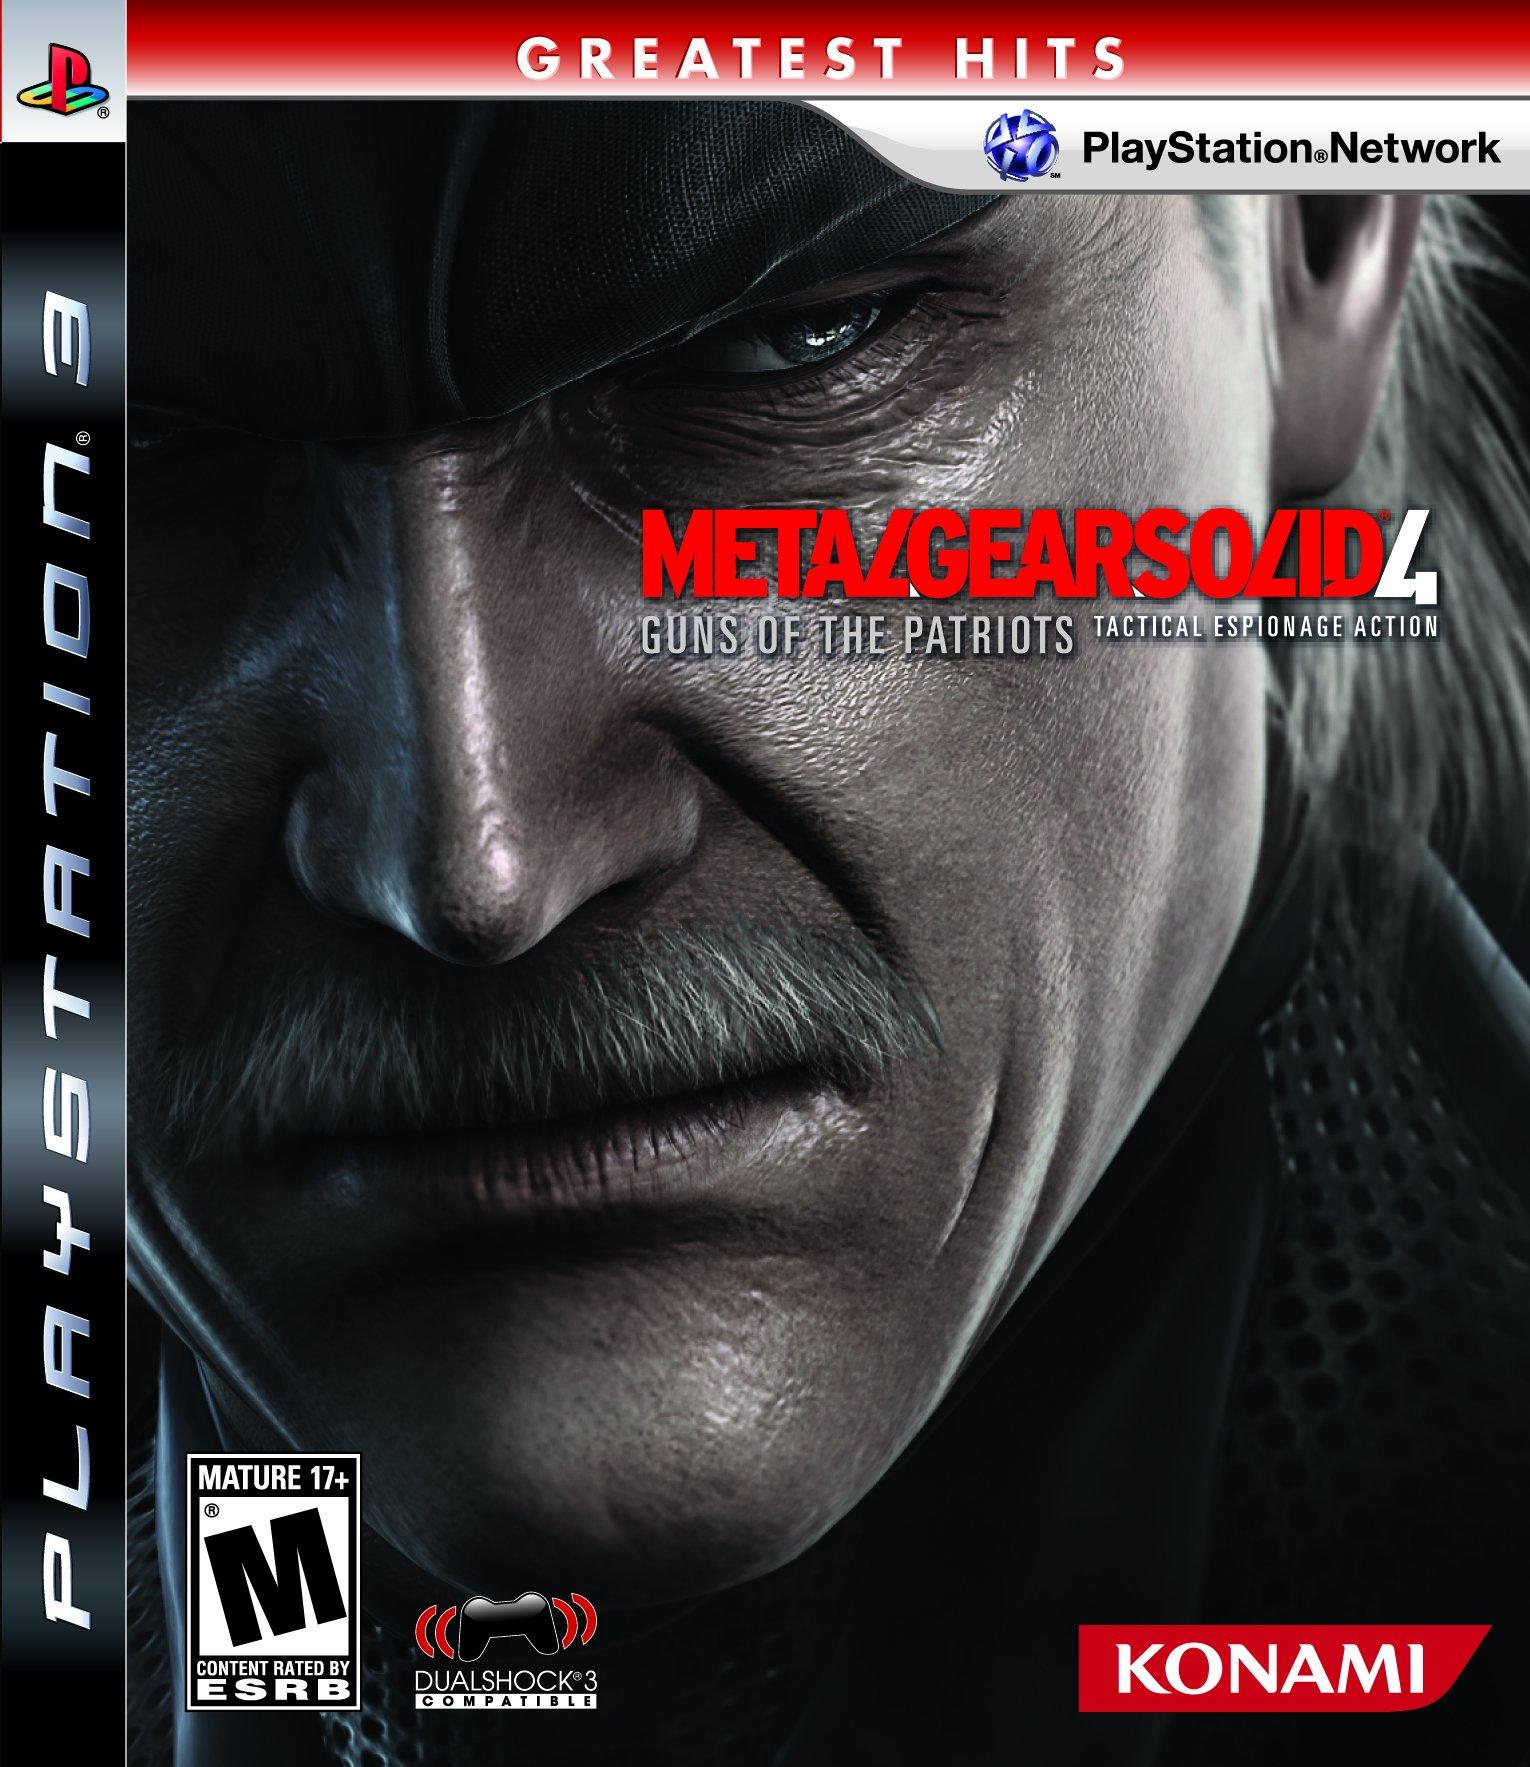 Metal gear online 3 release date